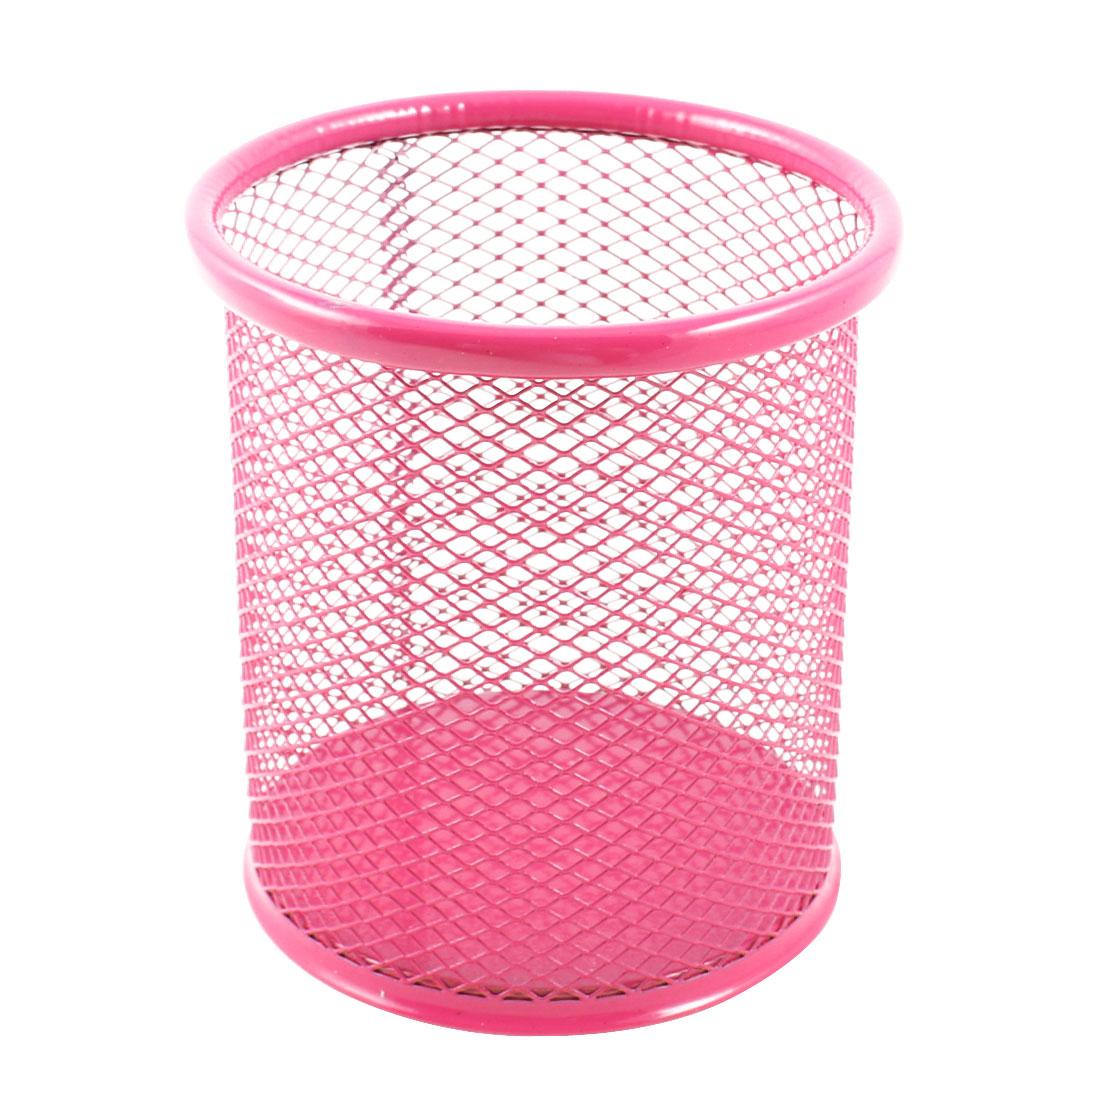 Office Metal Cylinder Mesh Design Pen Pencil Eraser Holder Container Pink